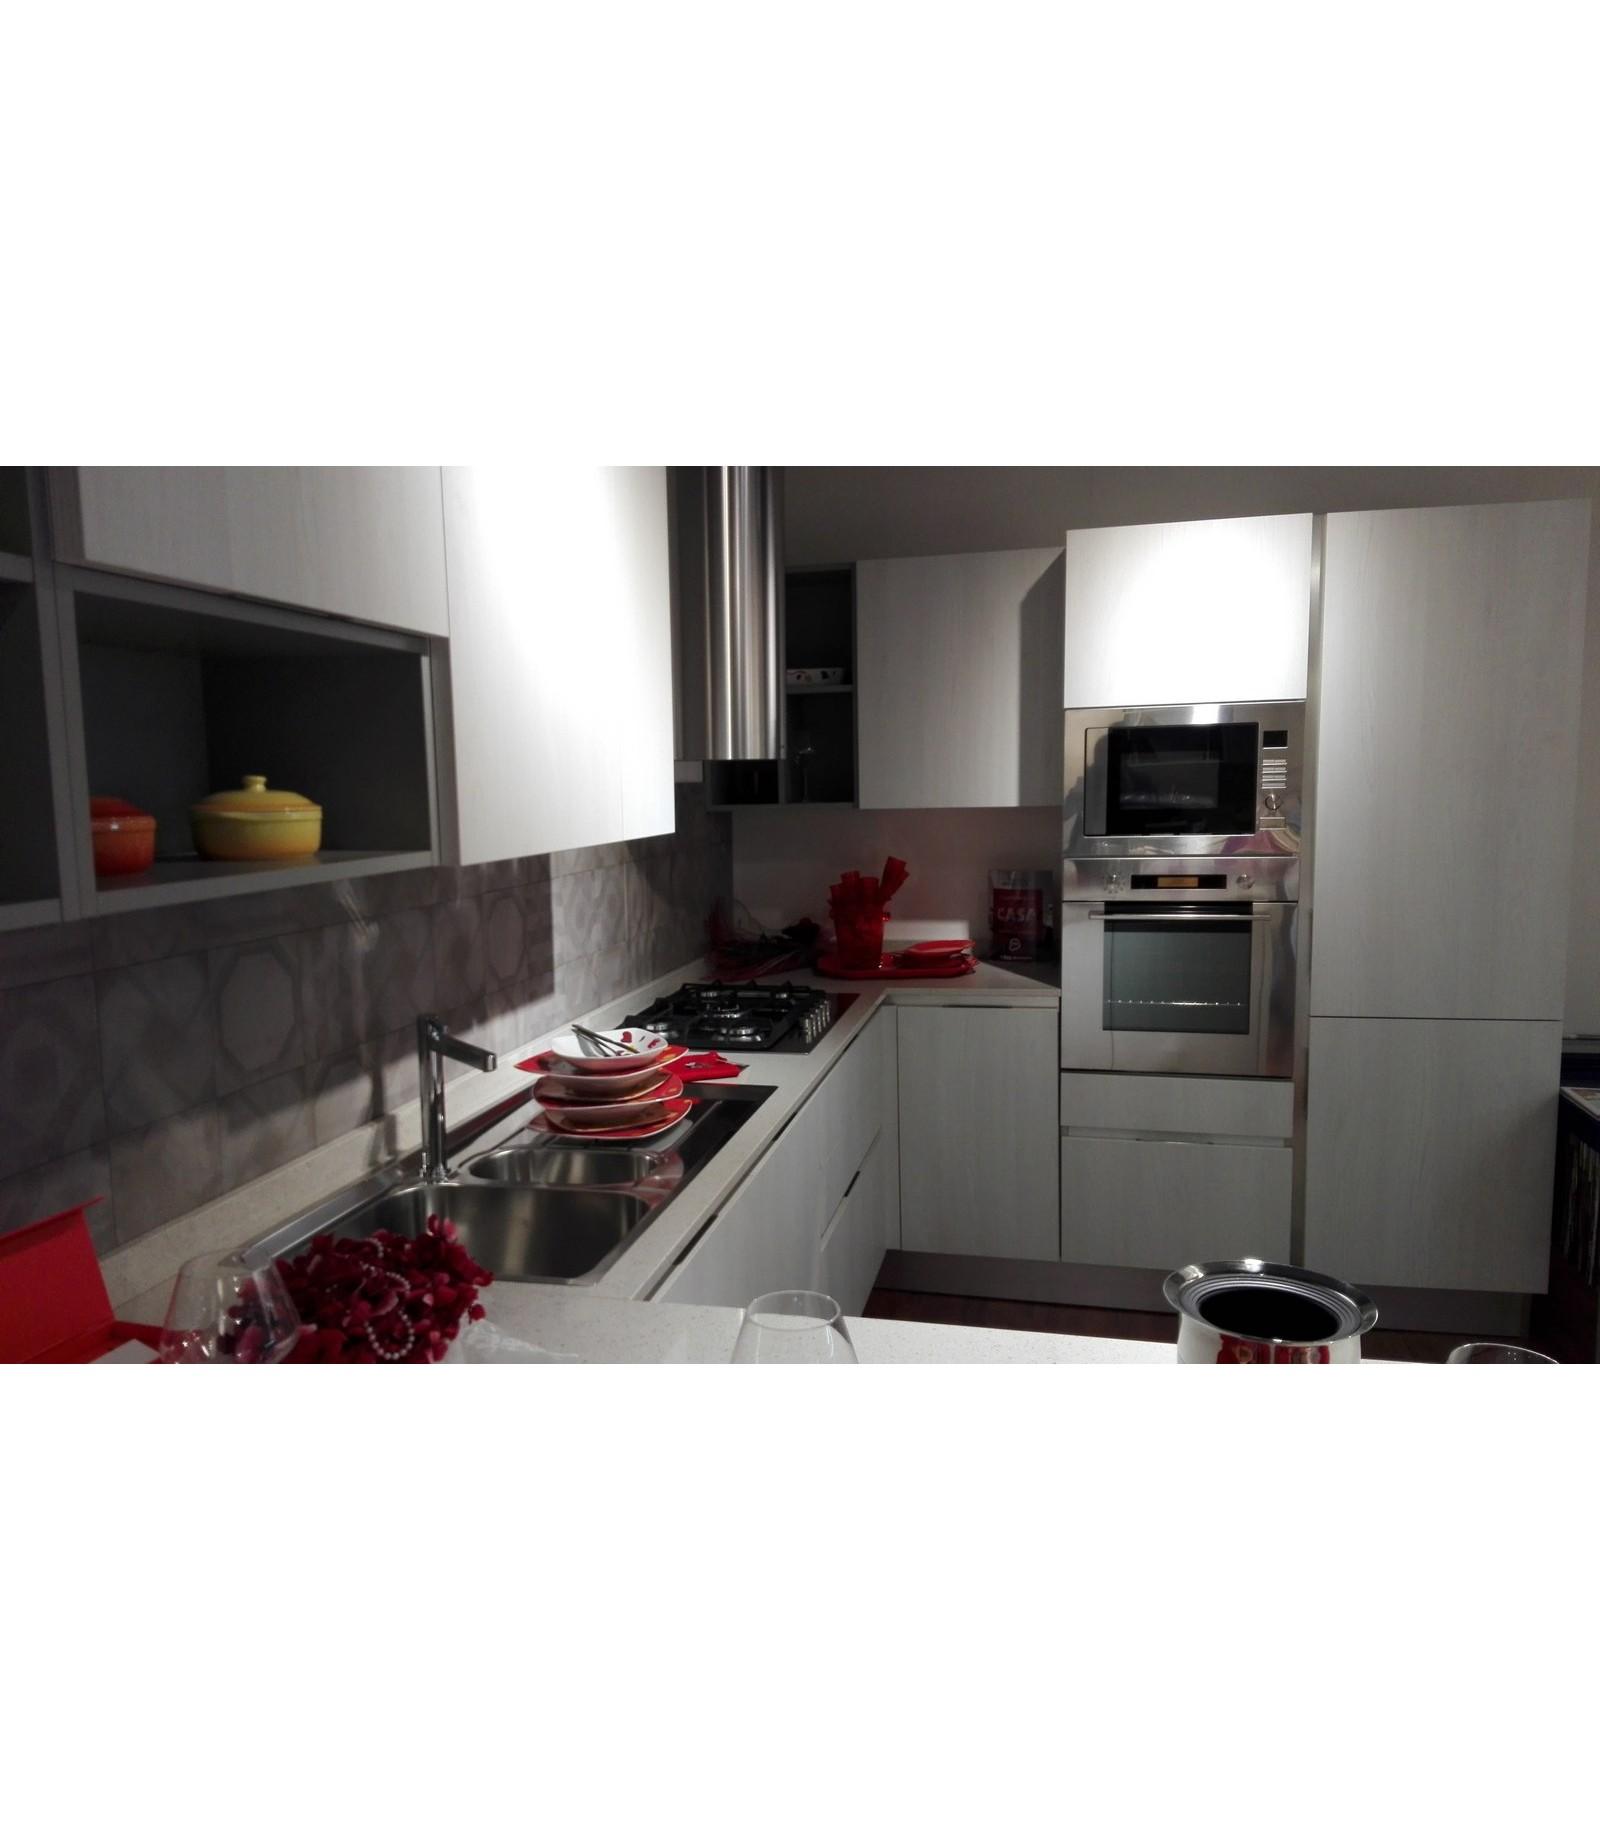 Stunning cappe veneta cucine pictures design ideas - Cappe veneta cucine ...